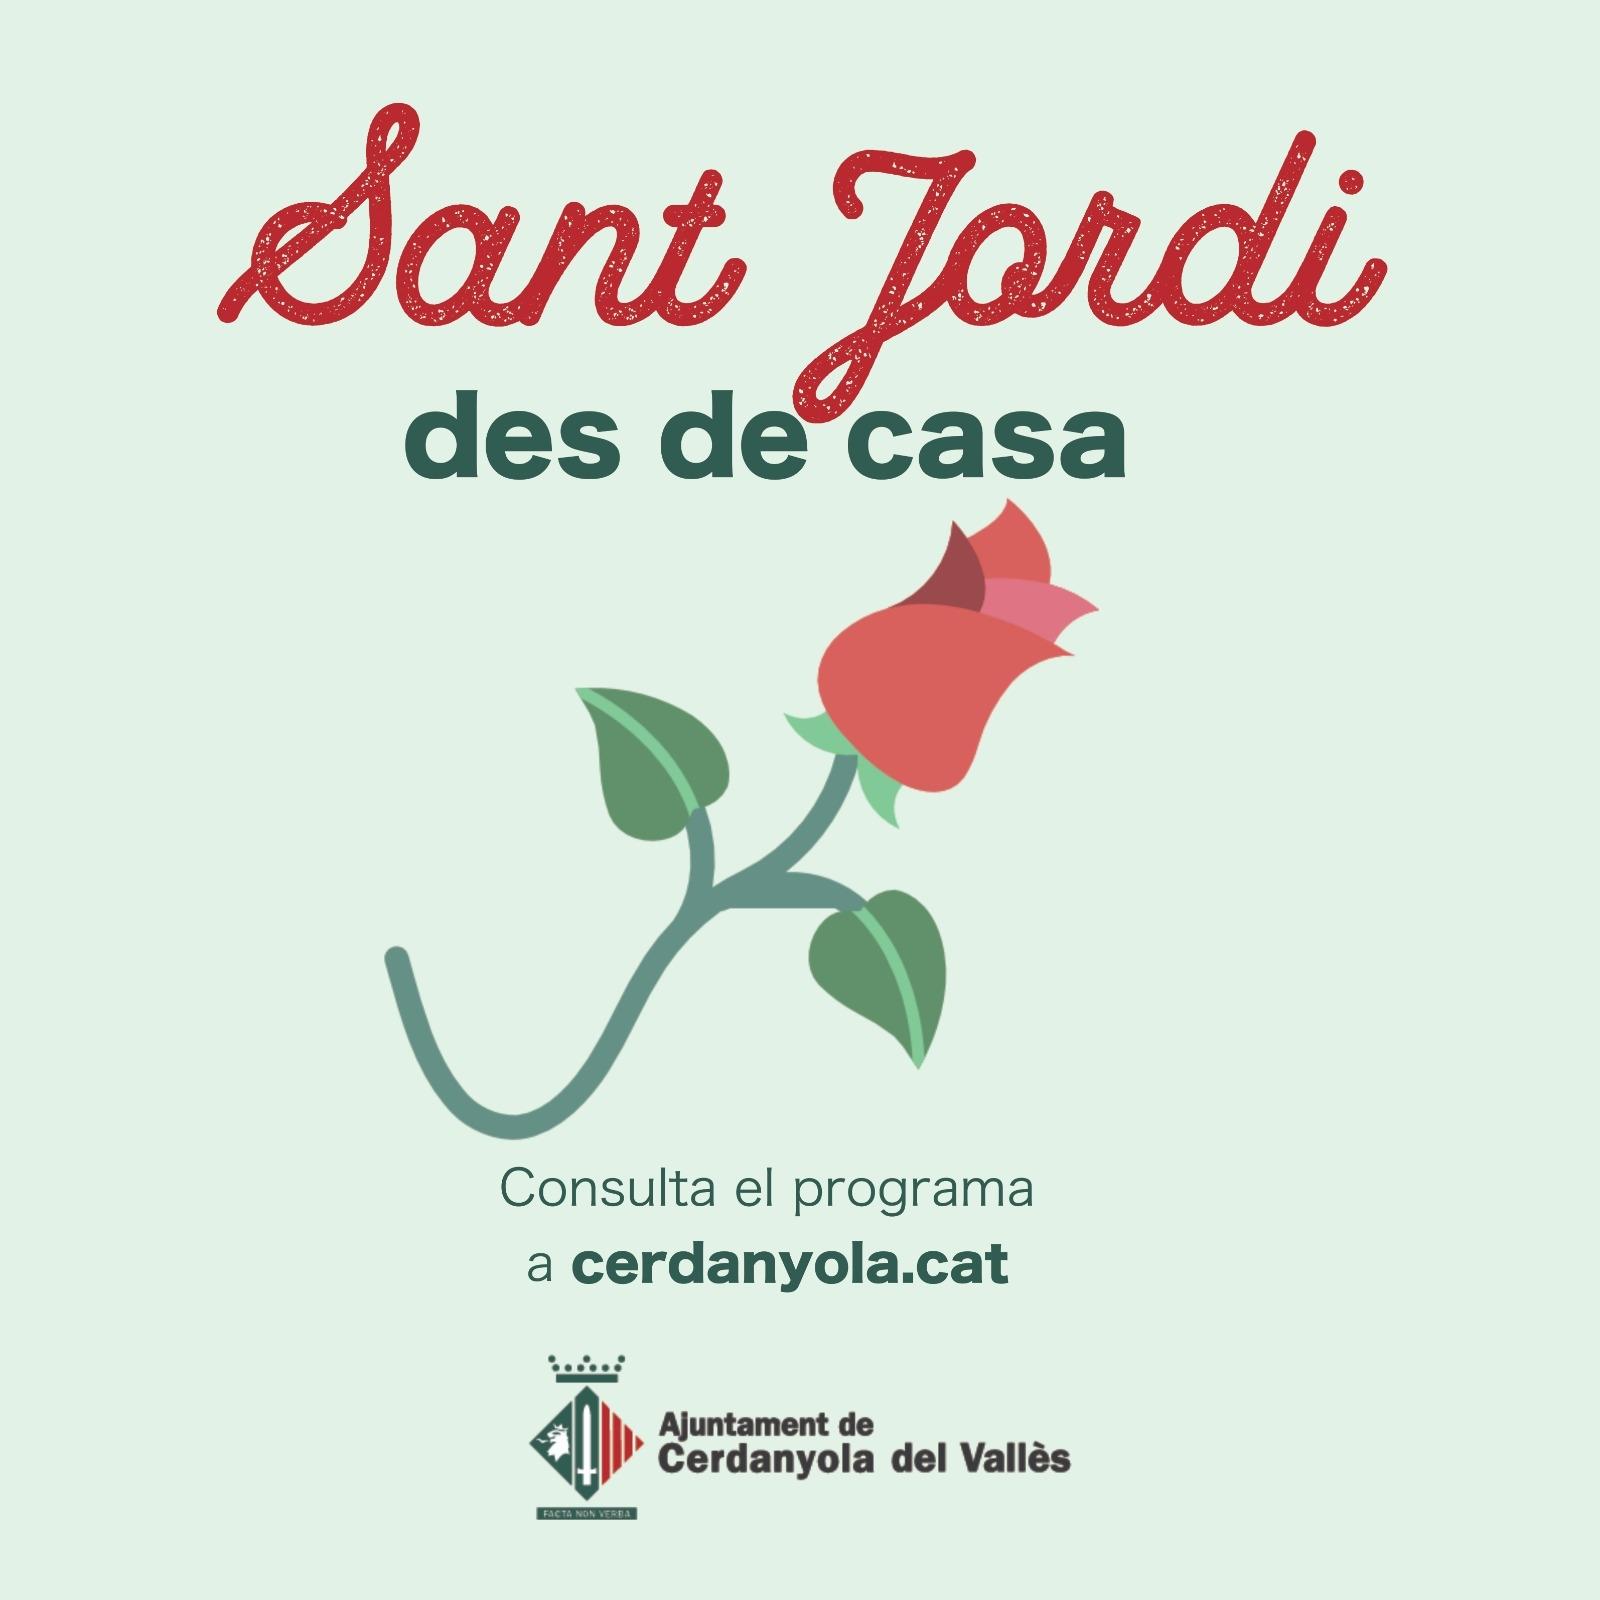 Imatge Sant Jordi des de casa